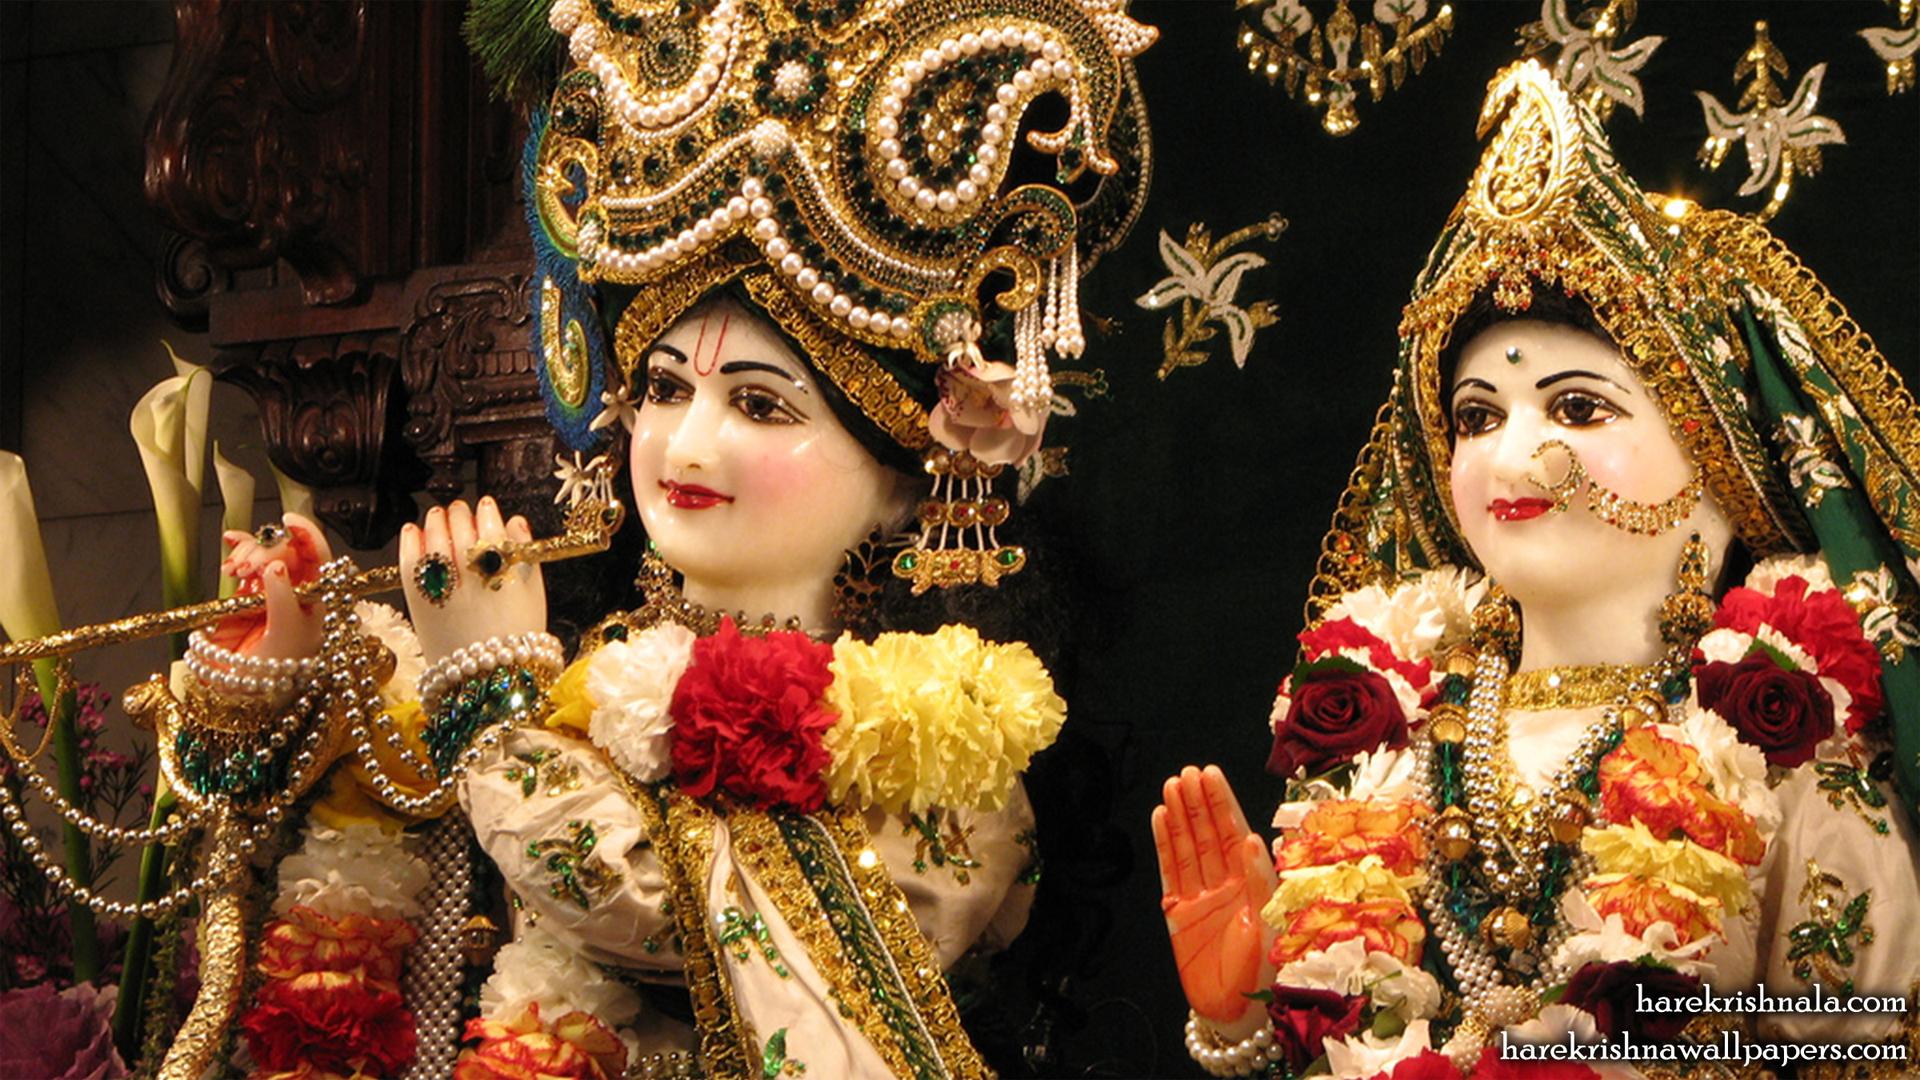 Sri Sri Rukmini Dwarkadhish Close up Wallpaper (010) Size 1920x1080 Download